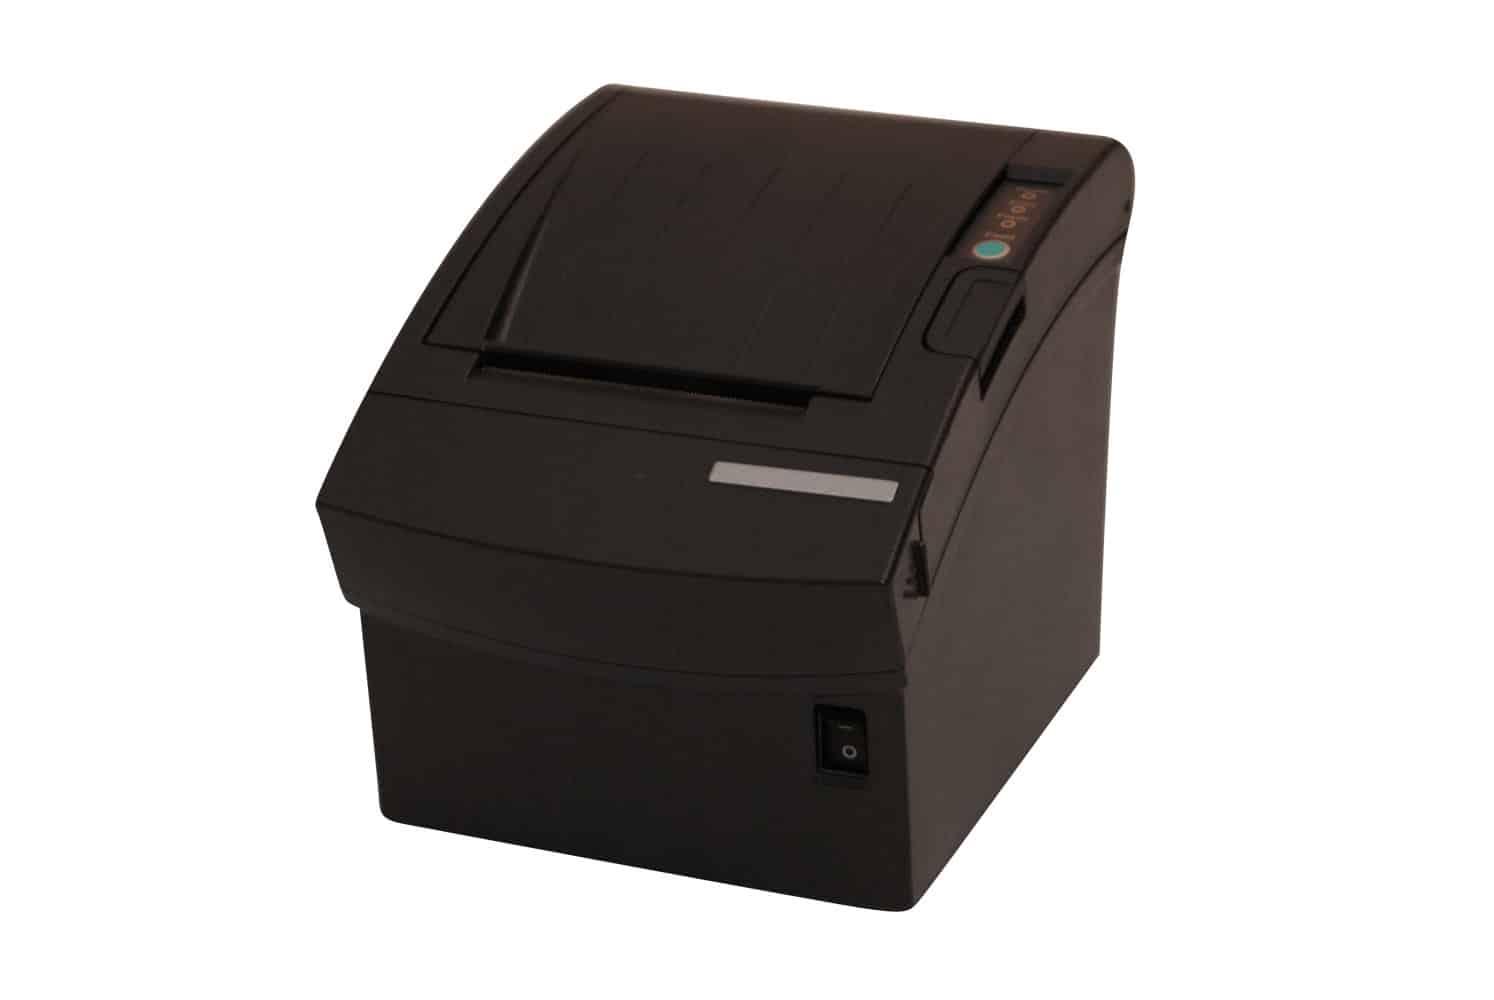 matériel de caisse: imprimante ticket de caisse